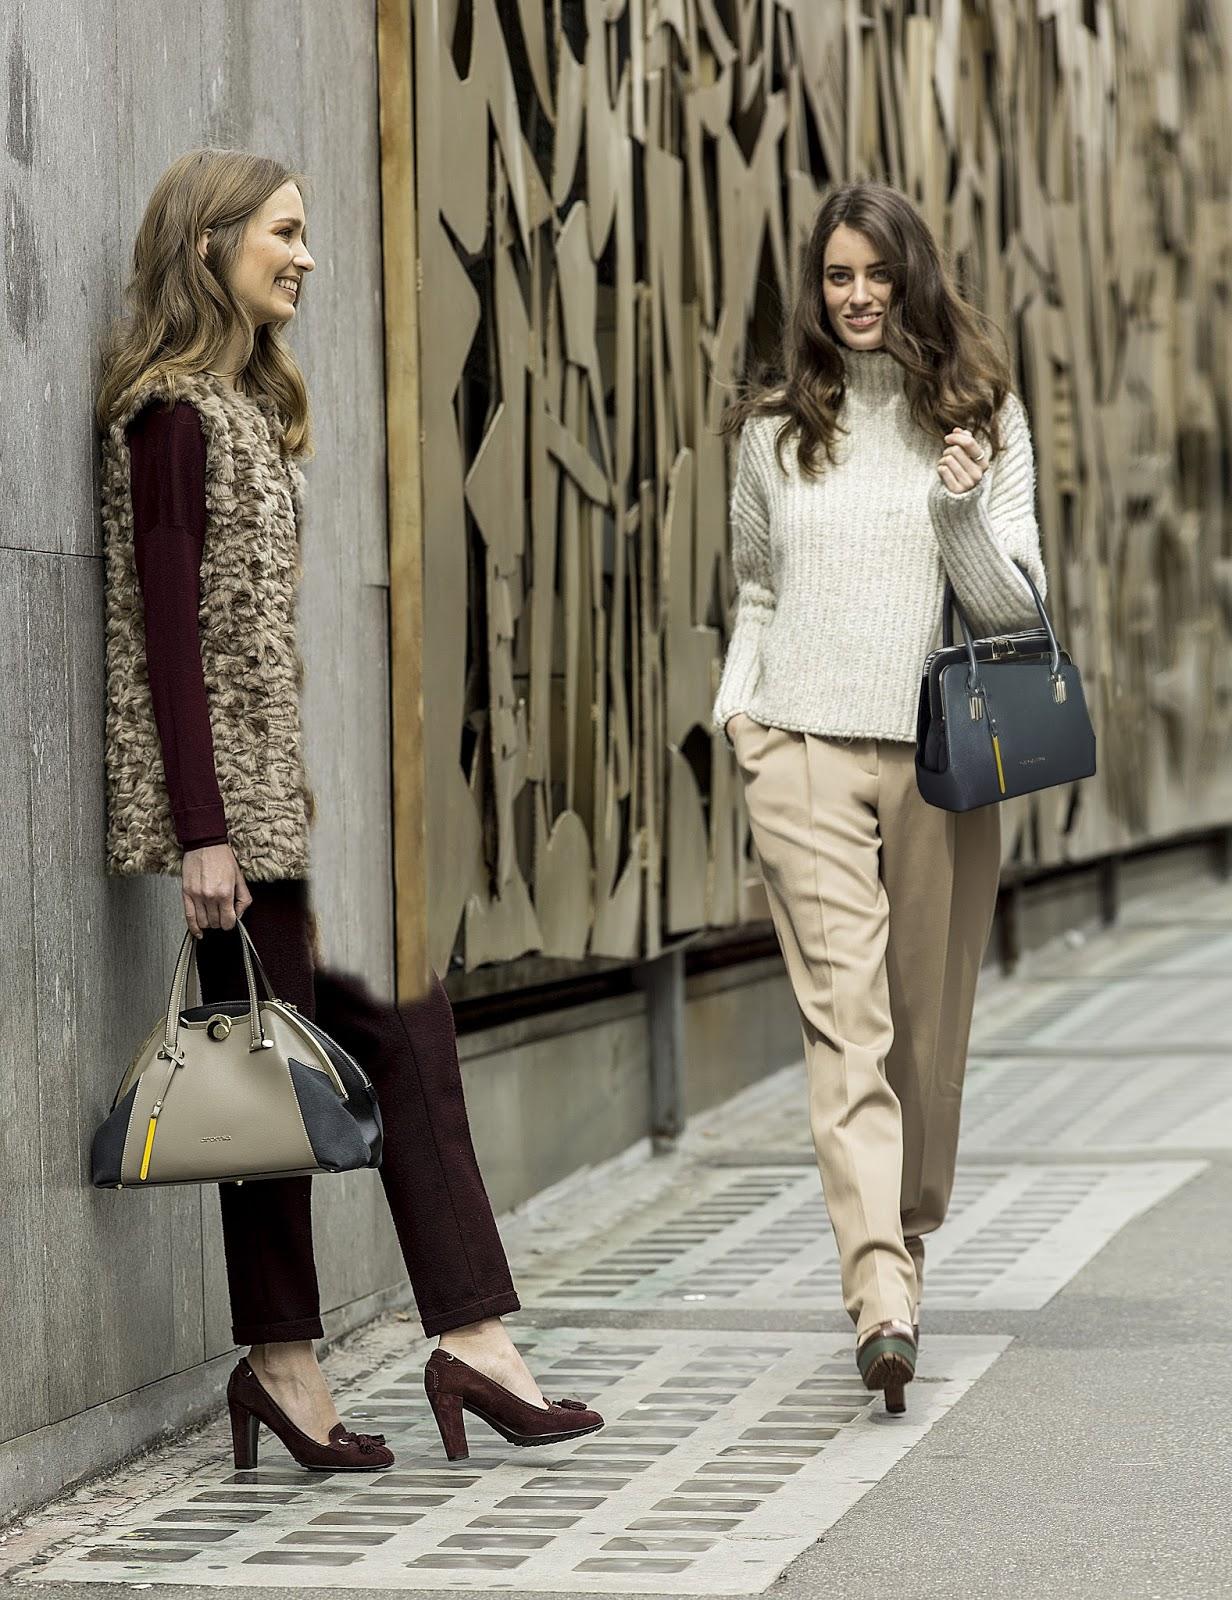 Сумки Cromia (75 фото): женские рюкзаки и кошельки 2018, ремни и обувь из Италии, история бренда, отзывы о фирме 12